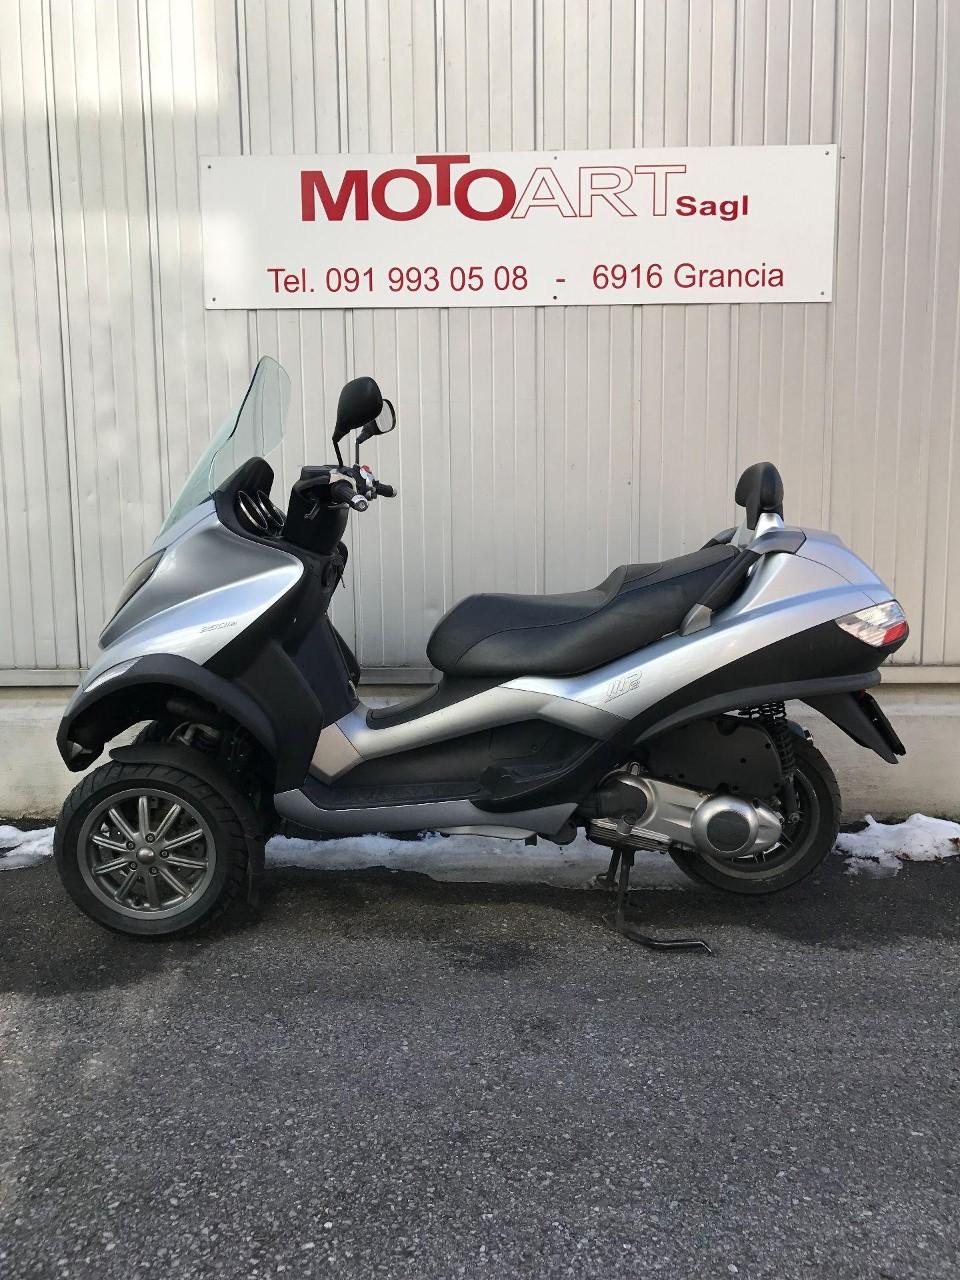 motorrad occasion kaufen piaggio mp3 250 i e 3 rad 69 moto art sagl grancia. Black Bedroom Furniture Sets. Home Design Ideas